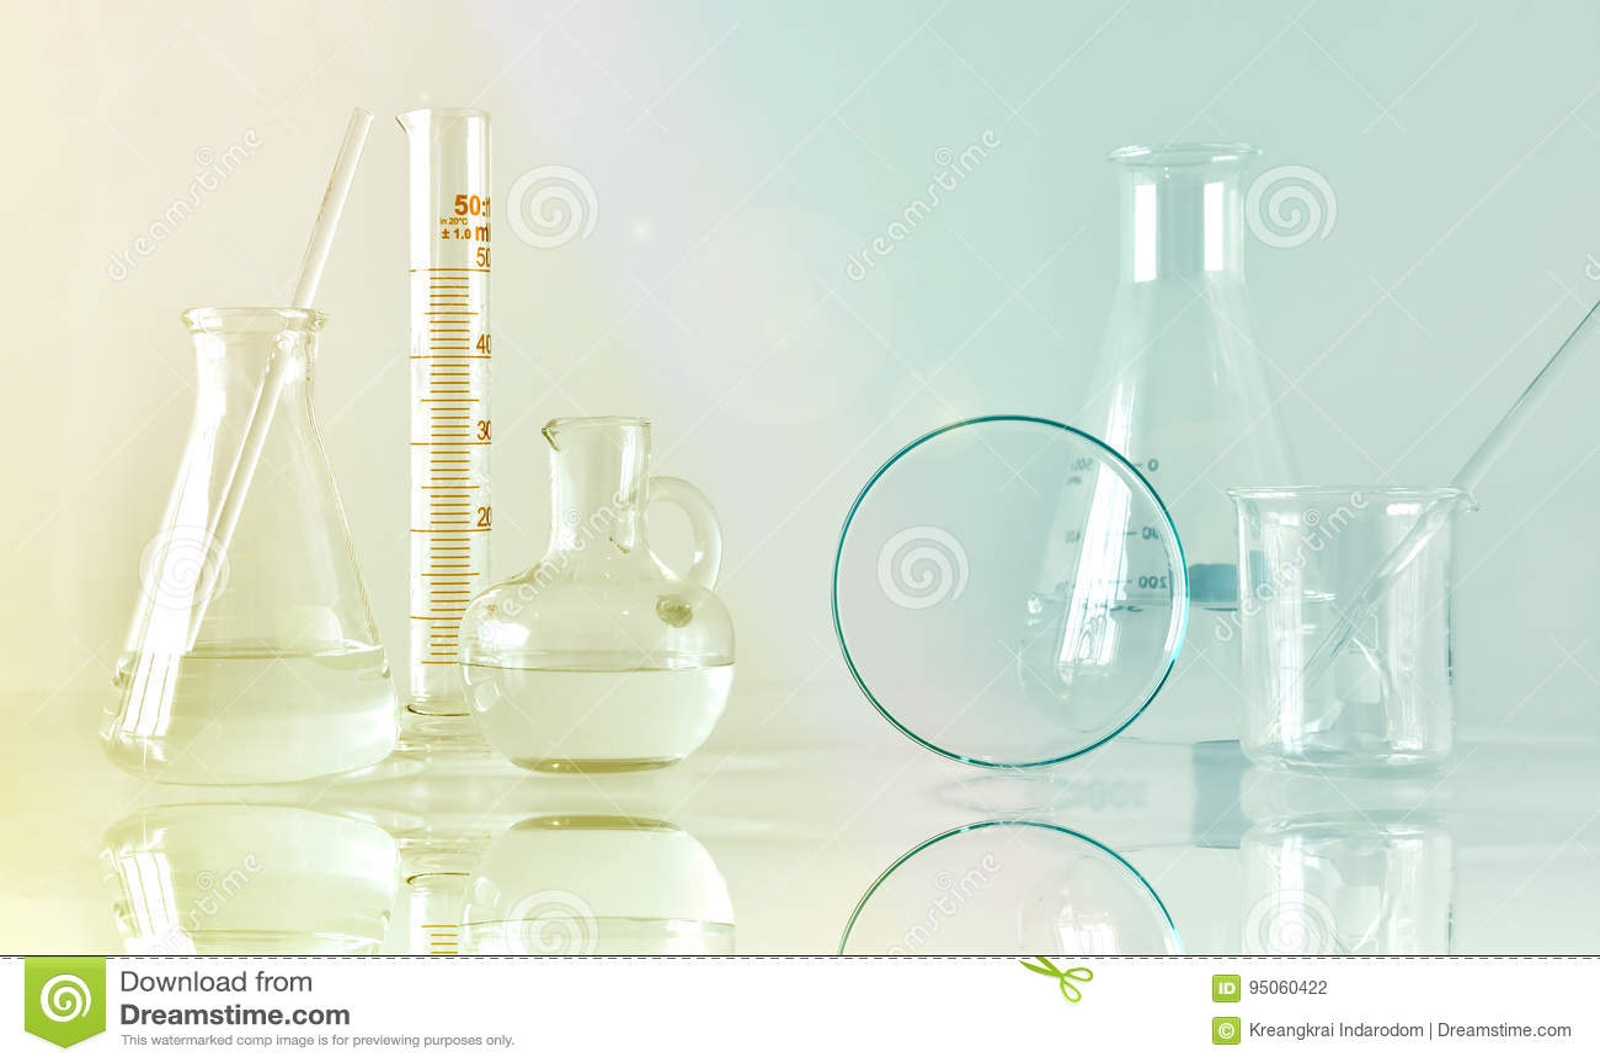 Ομάδα επιστημονικών εργαστηριακών γυαλικών με τη σαφείς υγρές λύση, την έρευνα και την ανάπτυξη